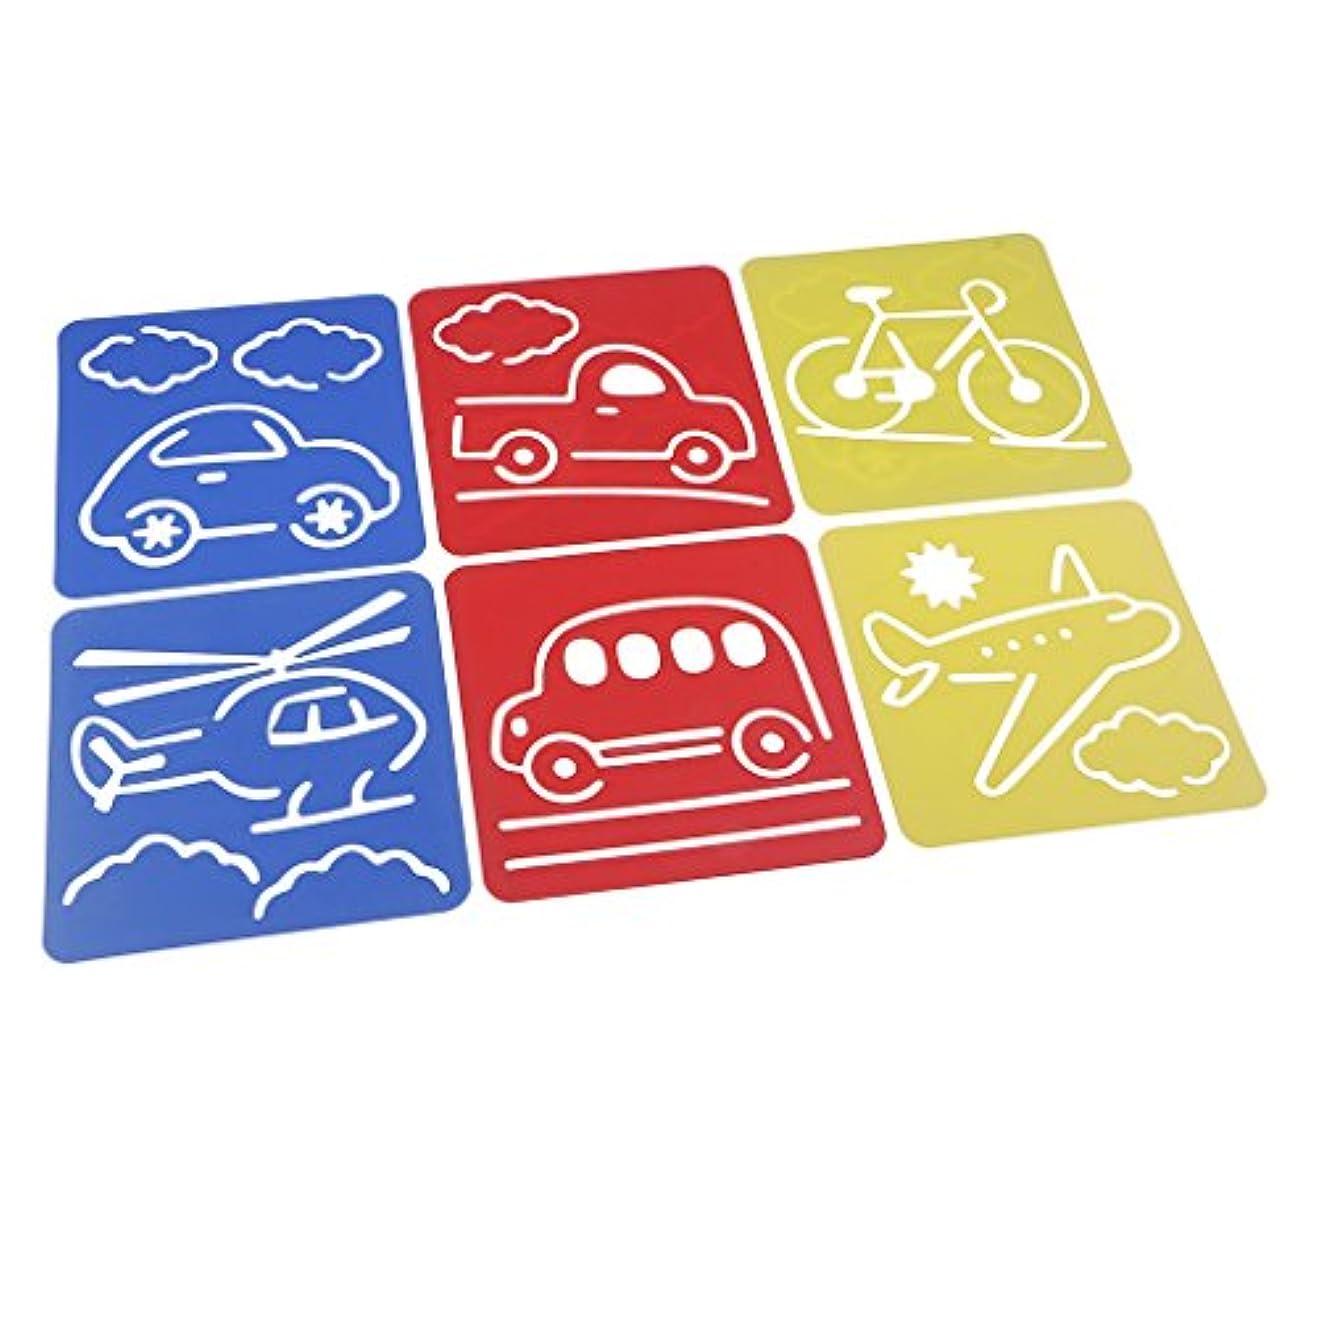 中央値息を切らしてデザート絵画ステンシル 図面テンプレート 親子交流 知育玩具 興味の育成  教育用  絵画学習  図面装飾 6個入り